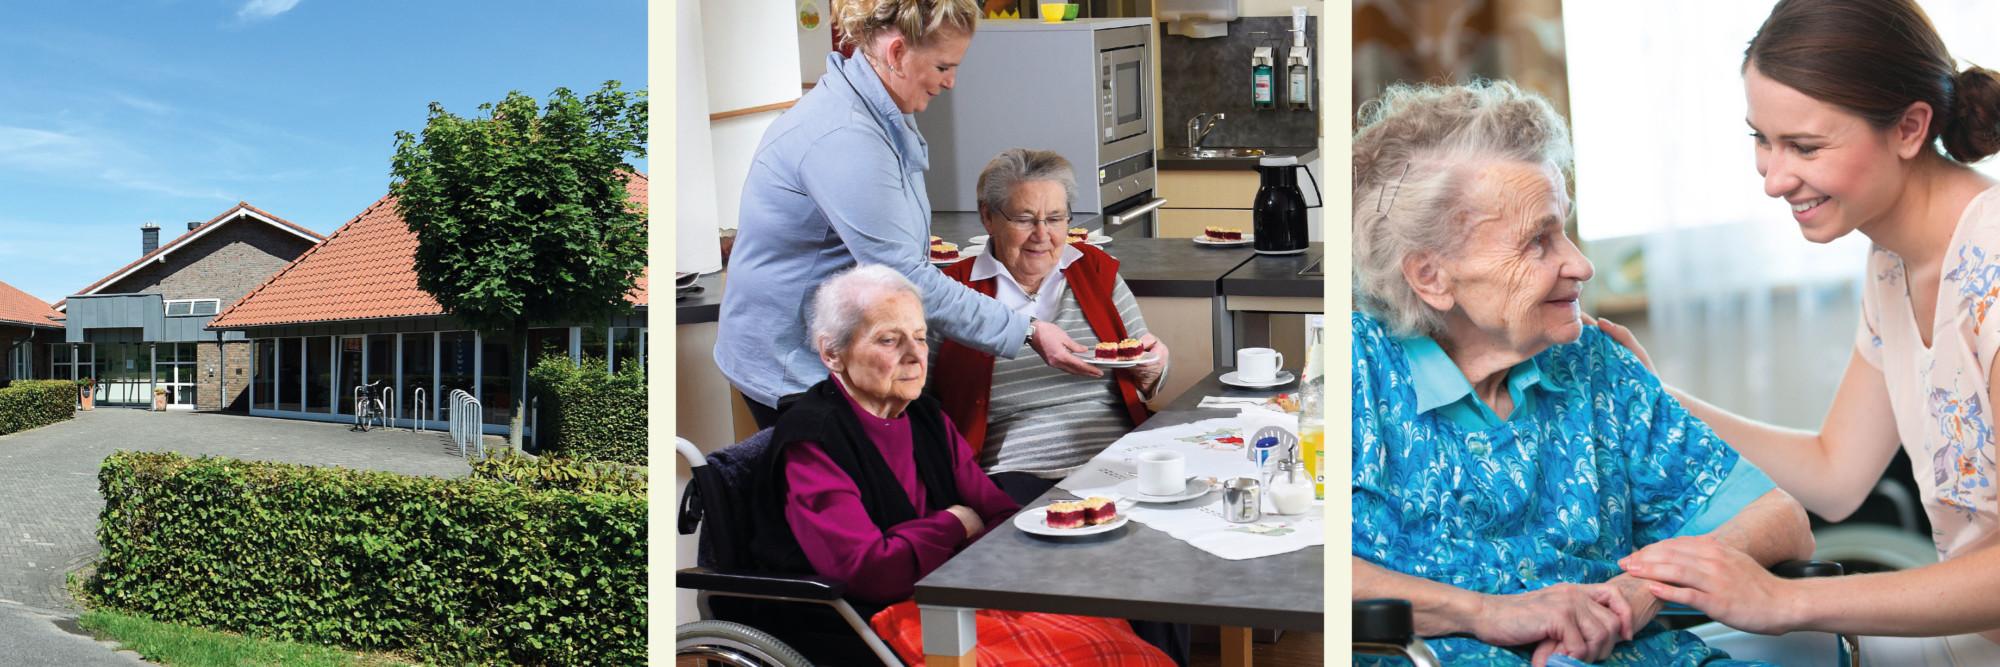 Diverse Eindrücke aus dem Leben und Arbeiten in der Altenpflege. Mitarbeiter und Bewohner im harmonischen Miteinander.